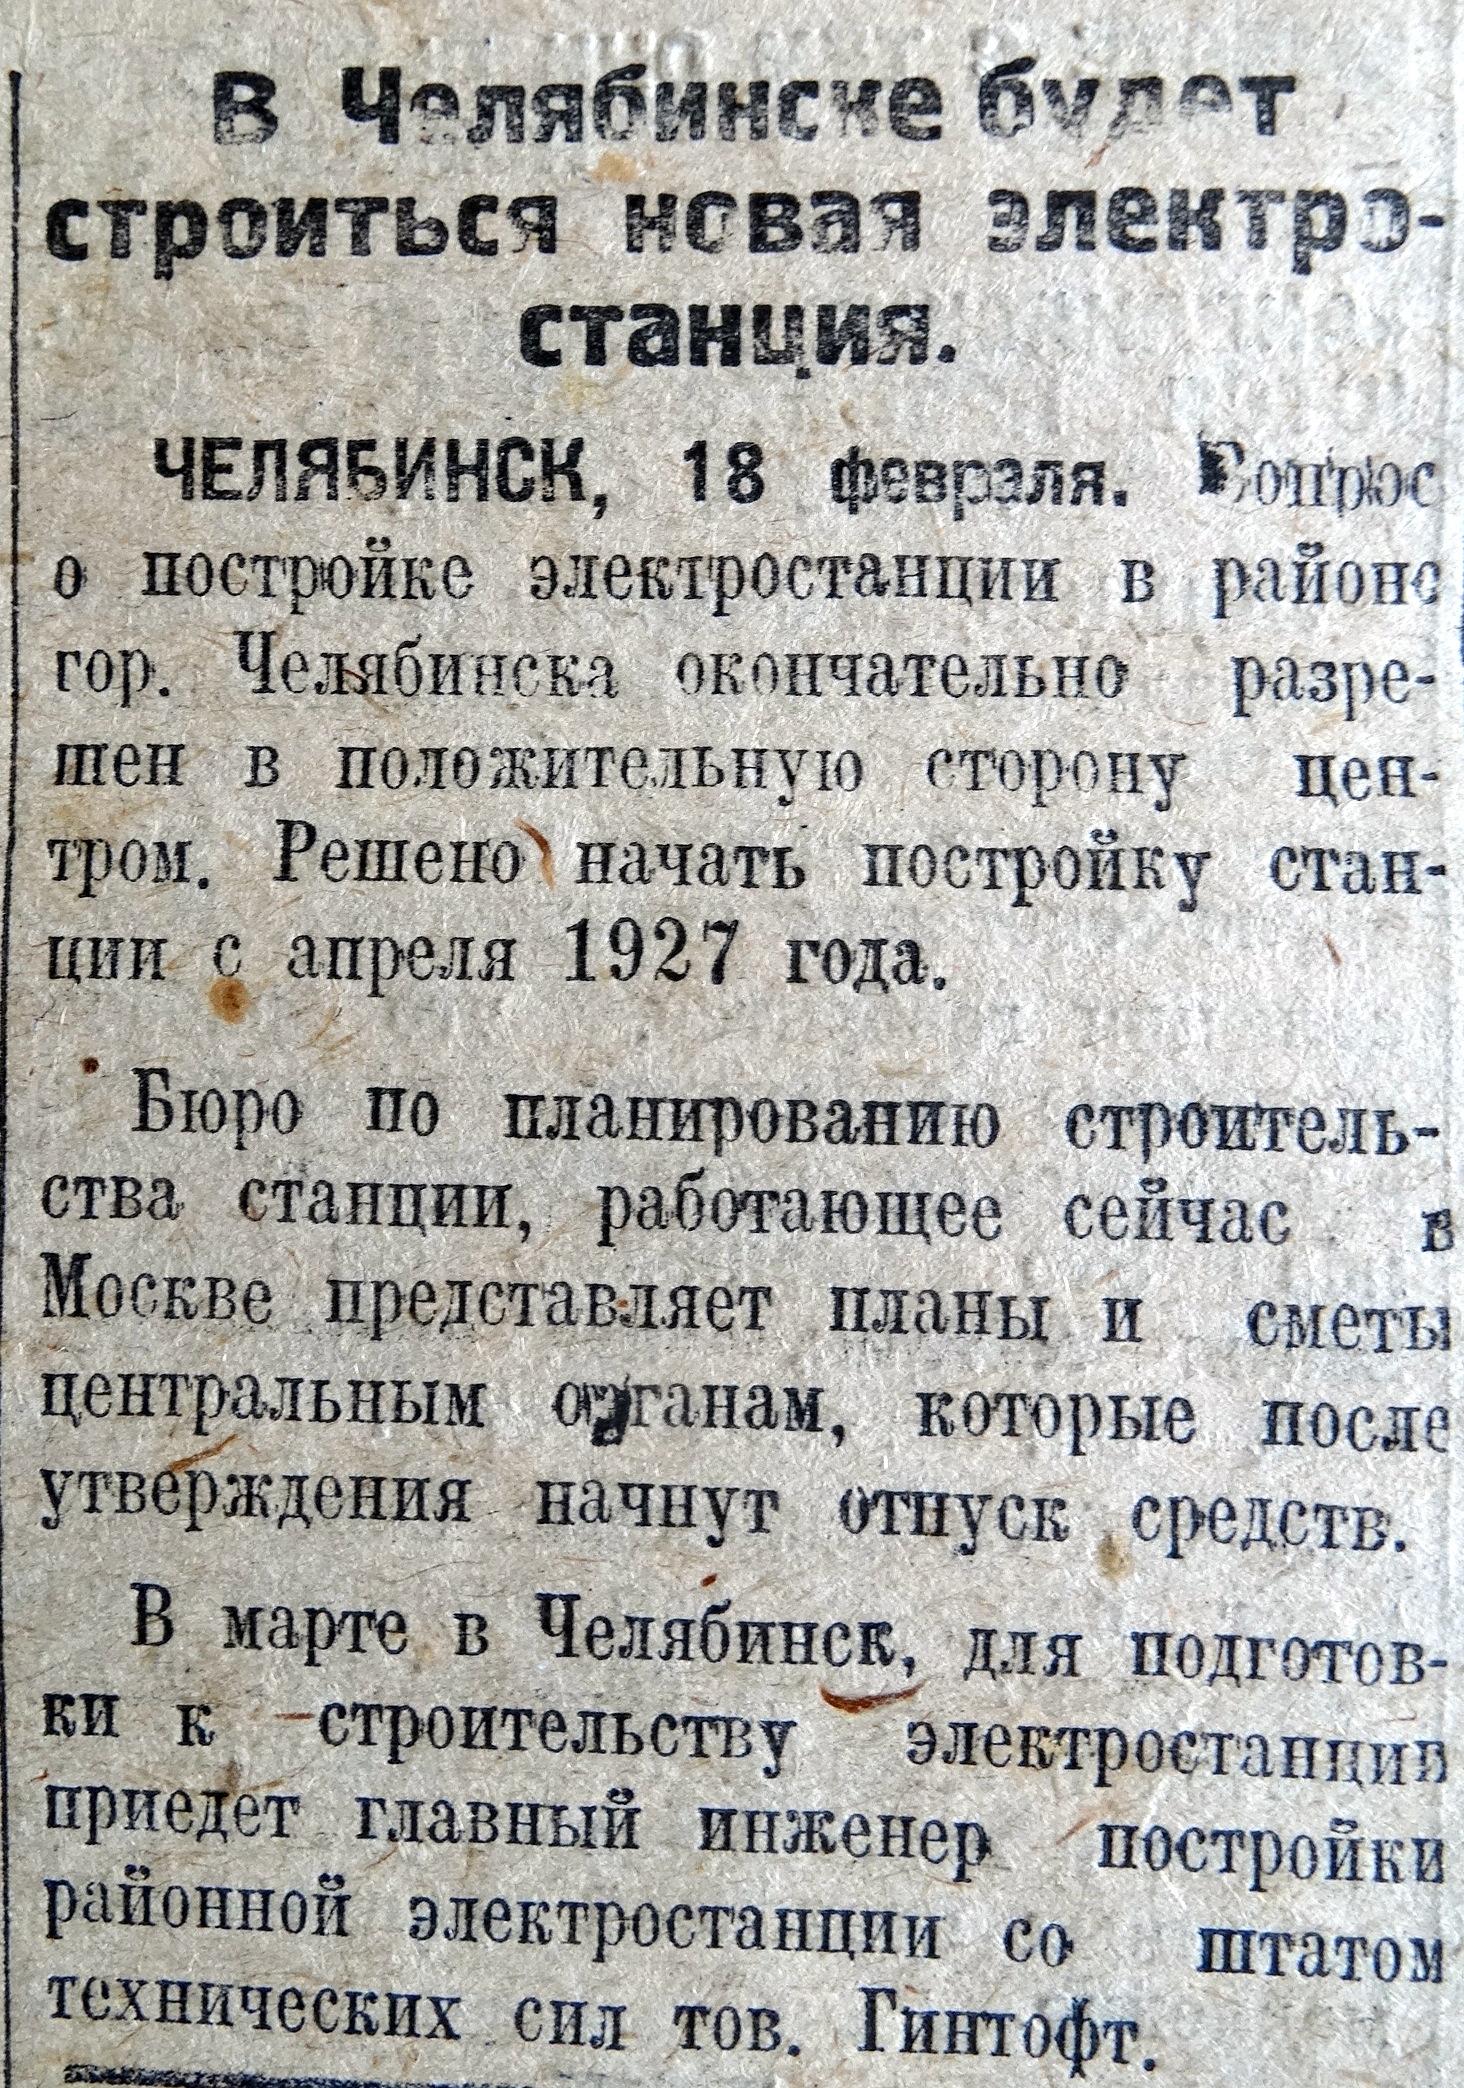 """Газета """"Уральский рабочий"""". 20 февраля 1927 г."""